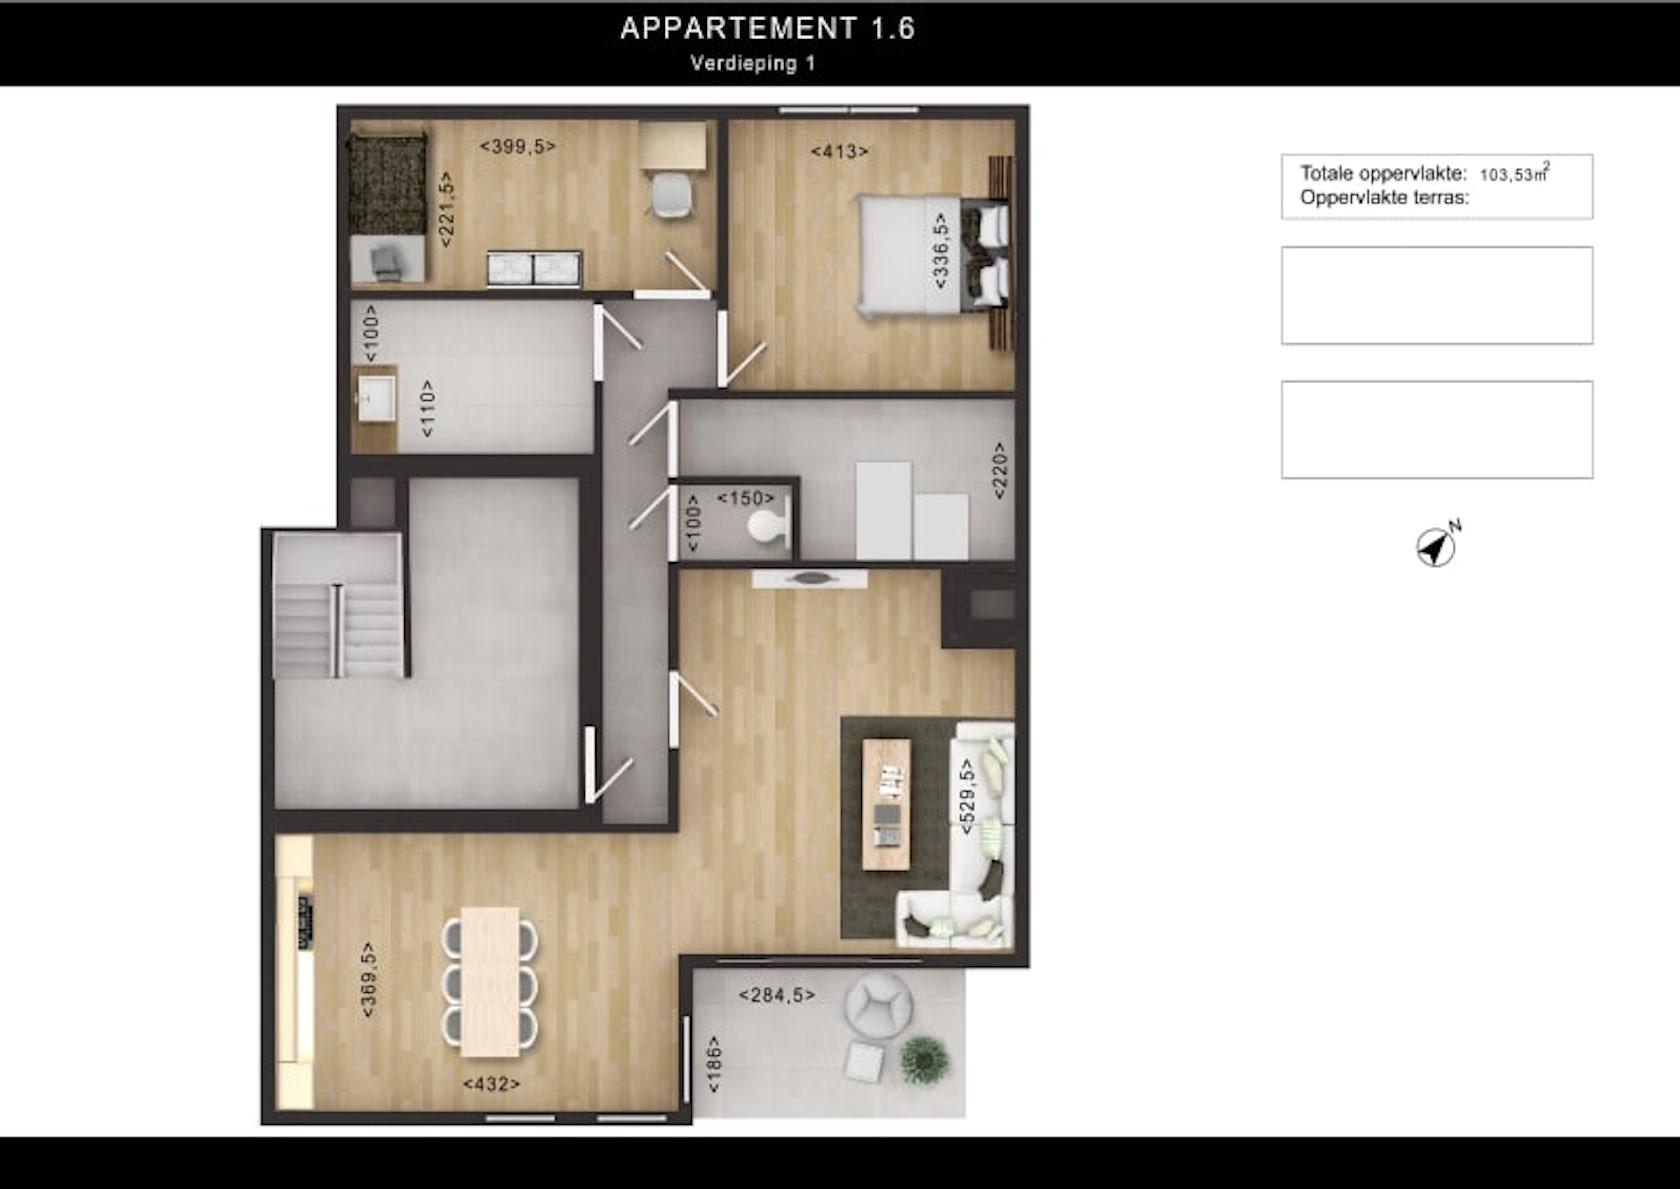 2D Floor Plan  Design Rendering using Photoshop  with Custom